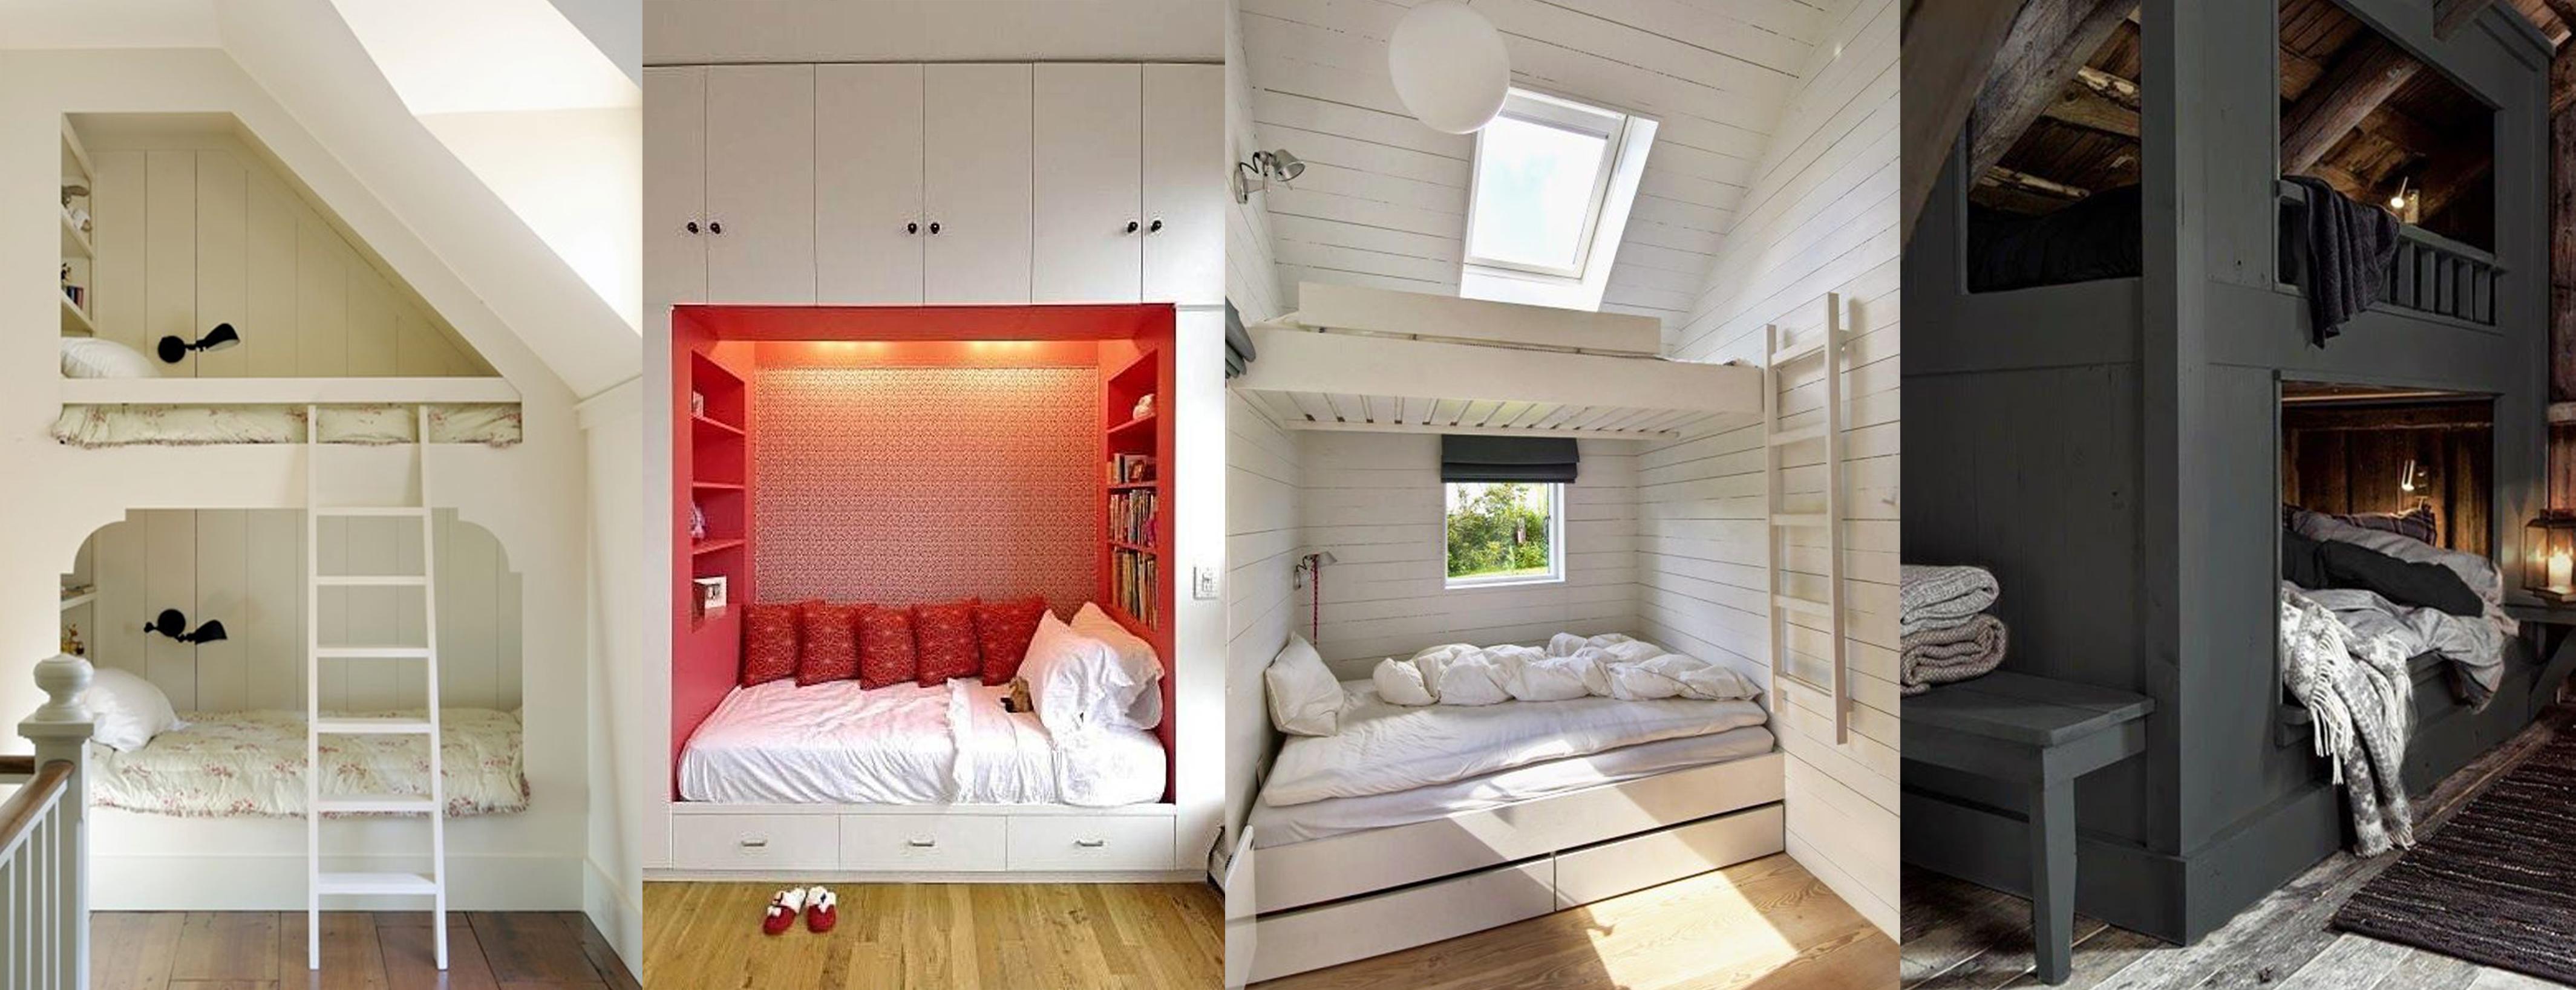 Slaapkamer op maat |